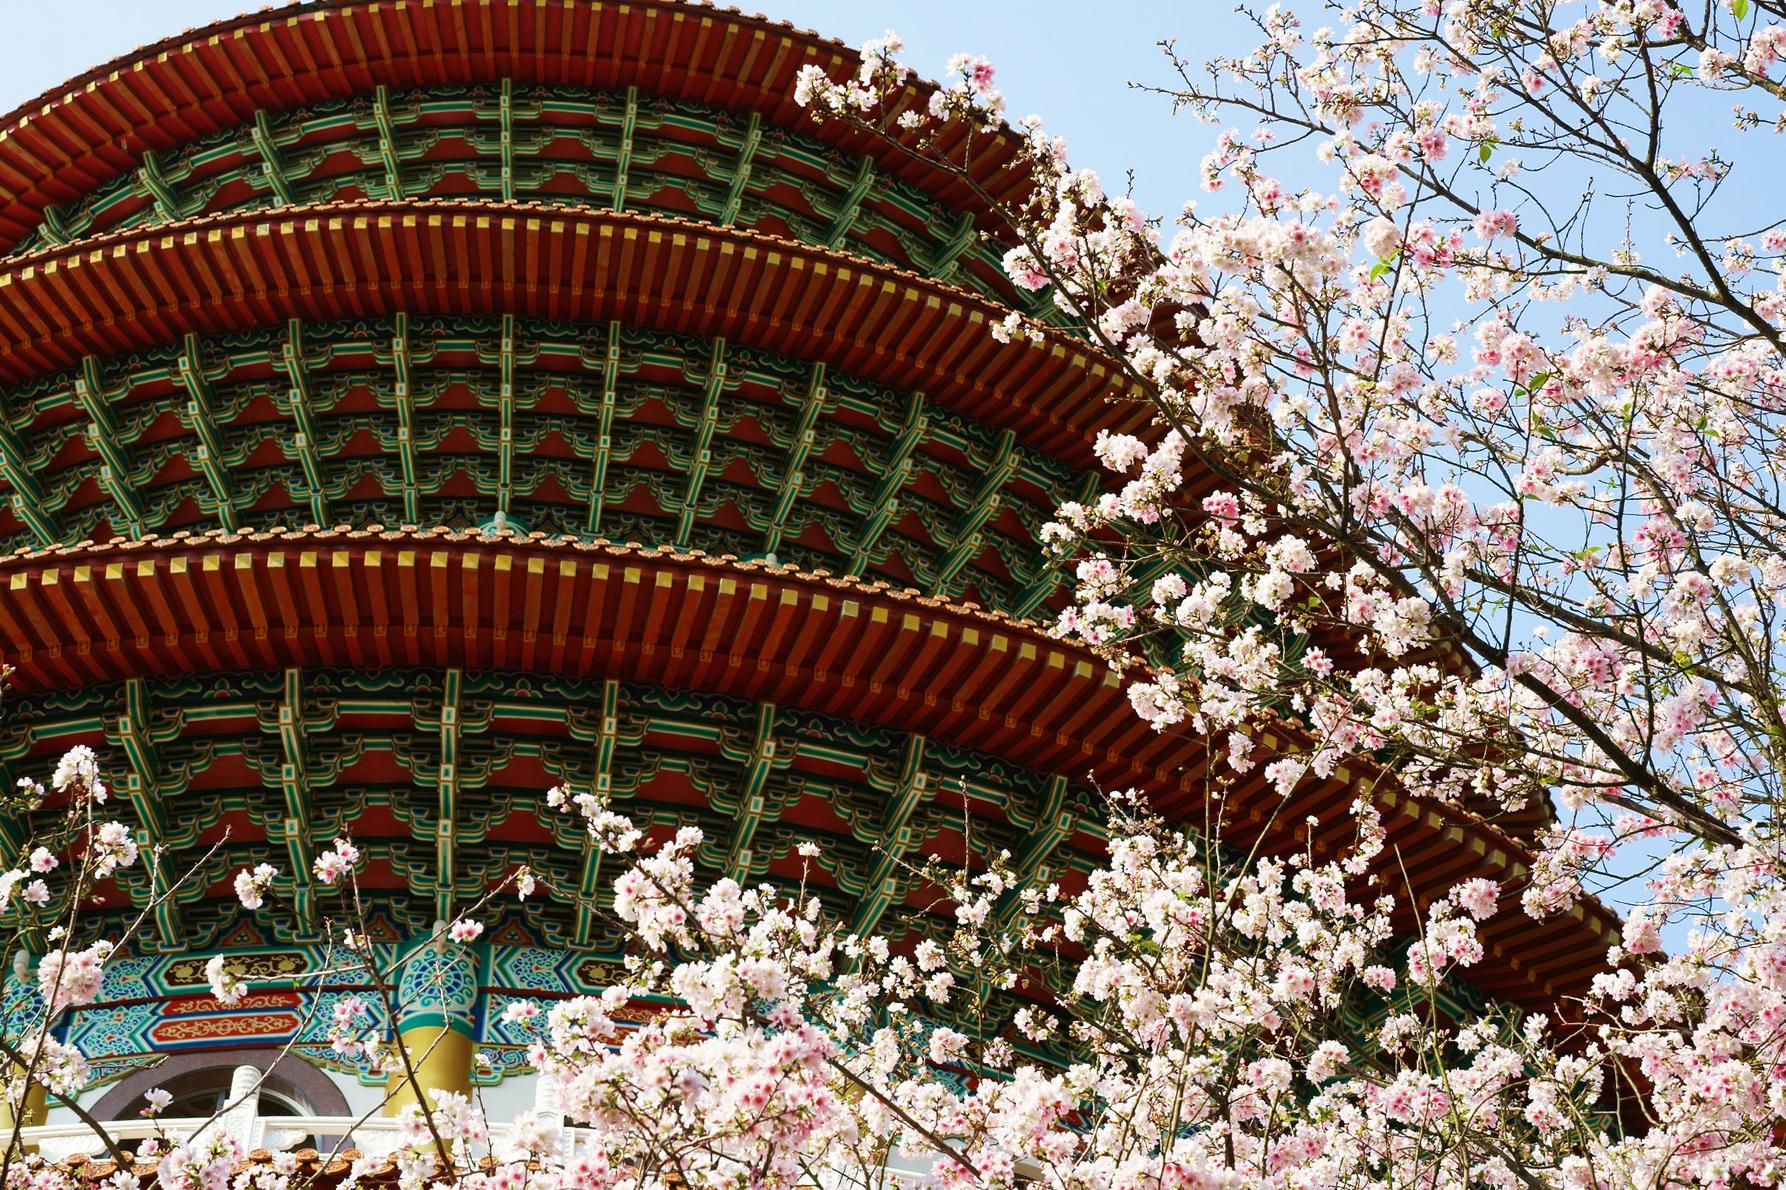 【台北微旅行】今年的櫻花晚了點,但感覺多了點|北部最強賞櫻勝地????無極天元宮萬櫻齊放